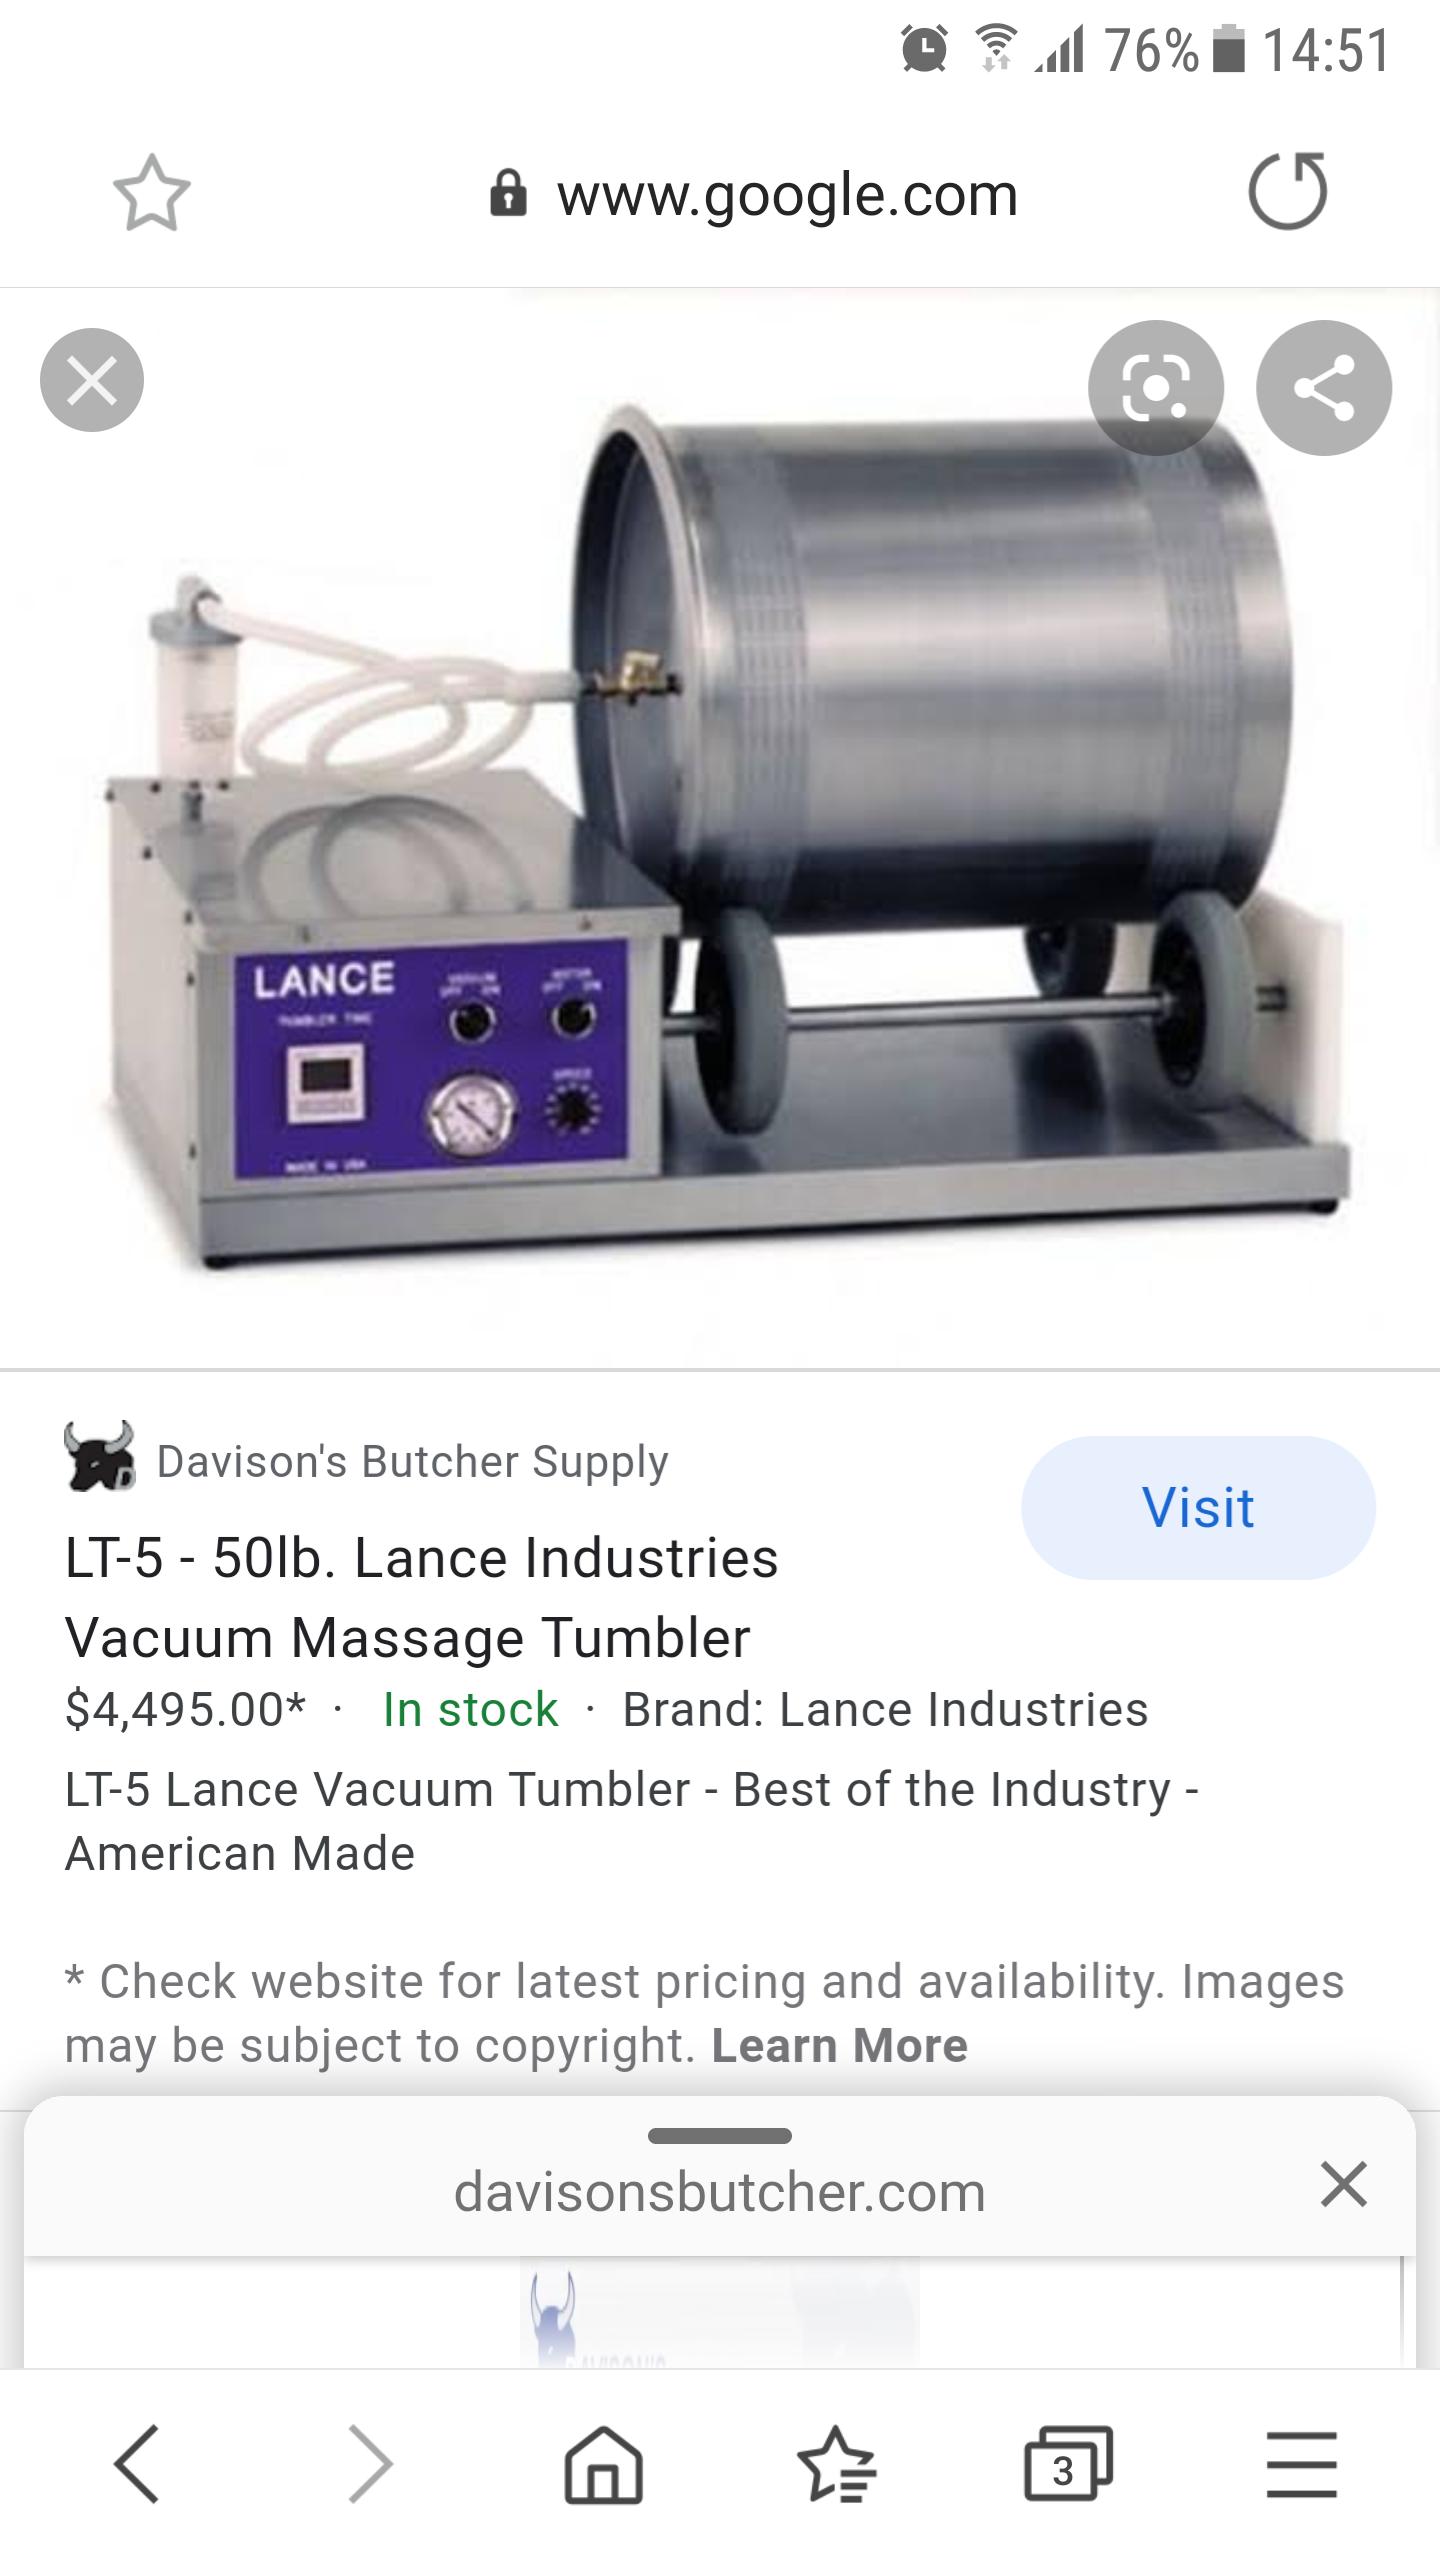 Meat vacuum tumbler